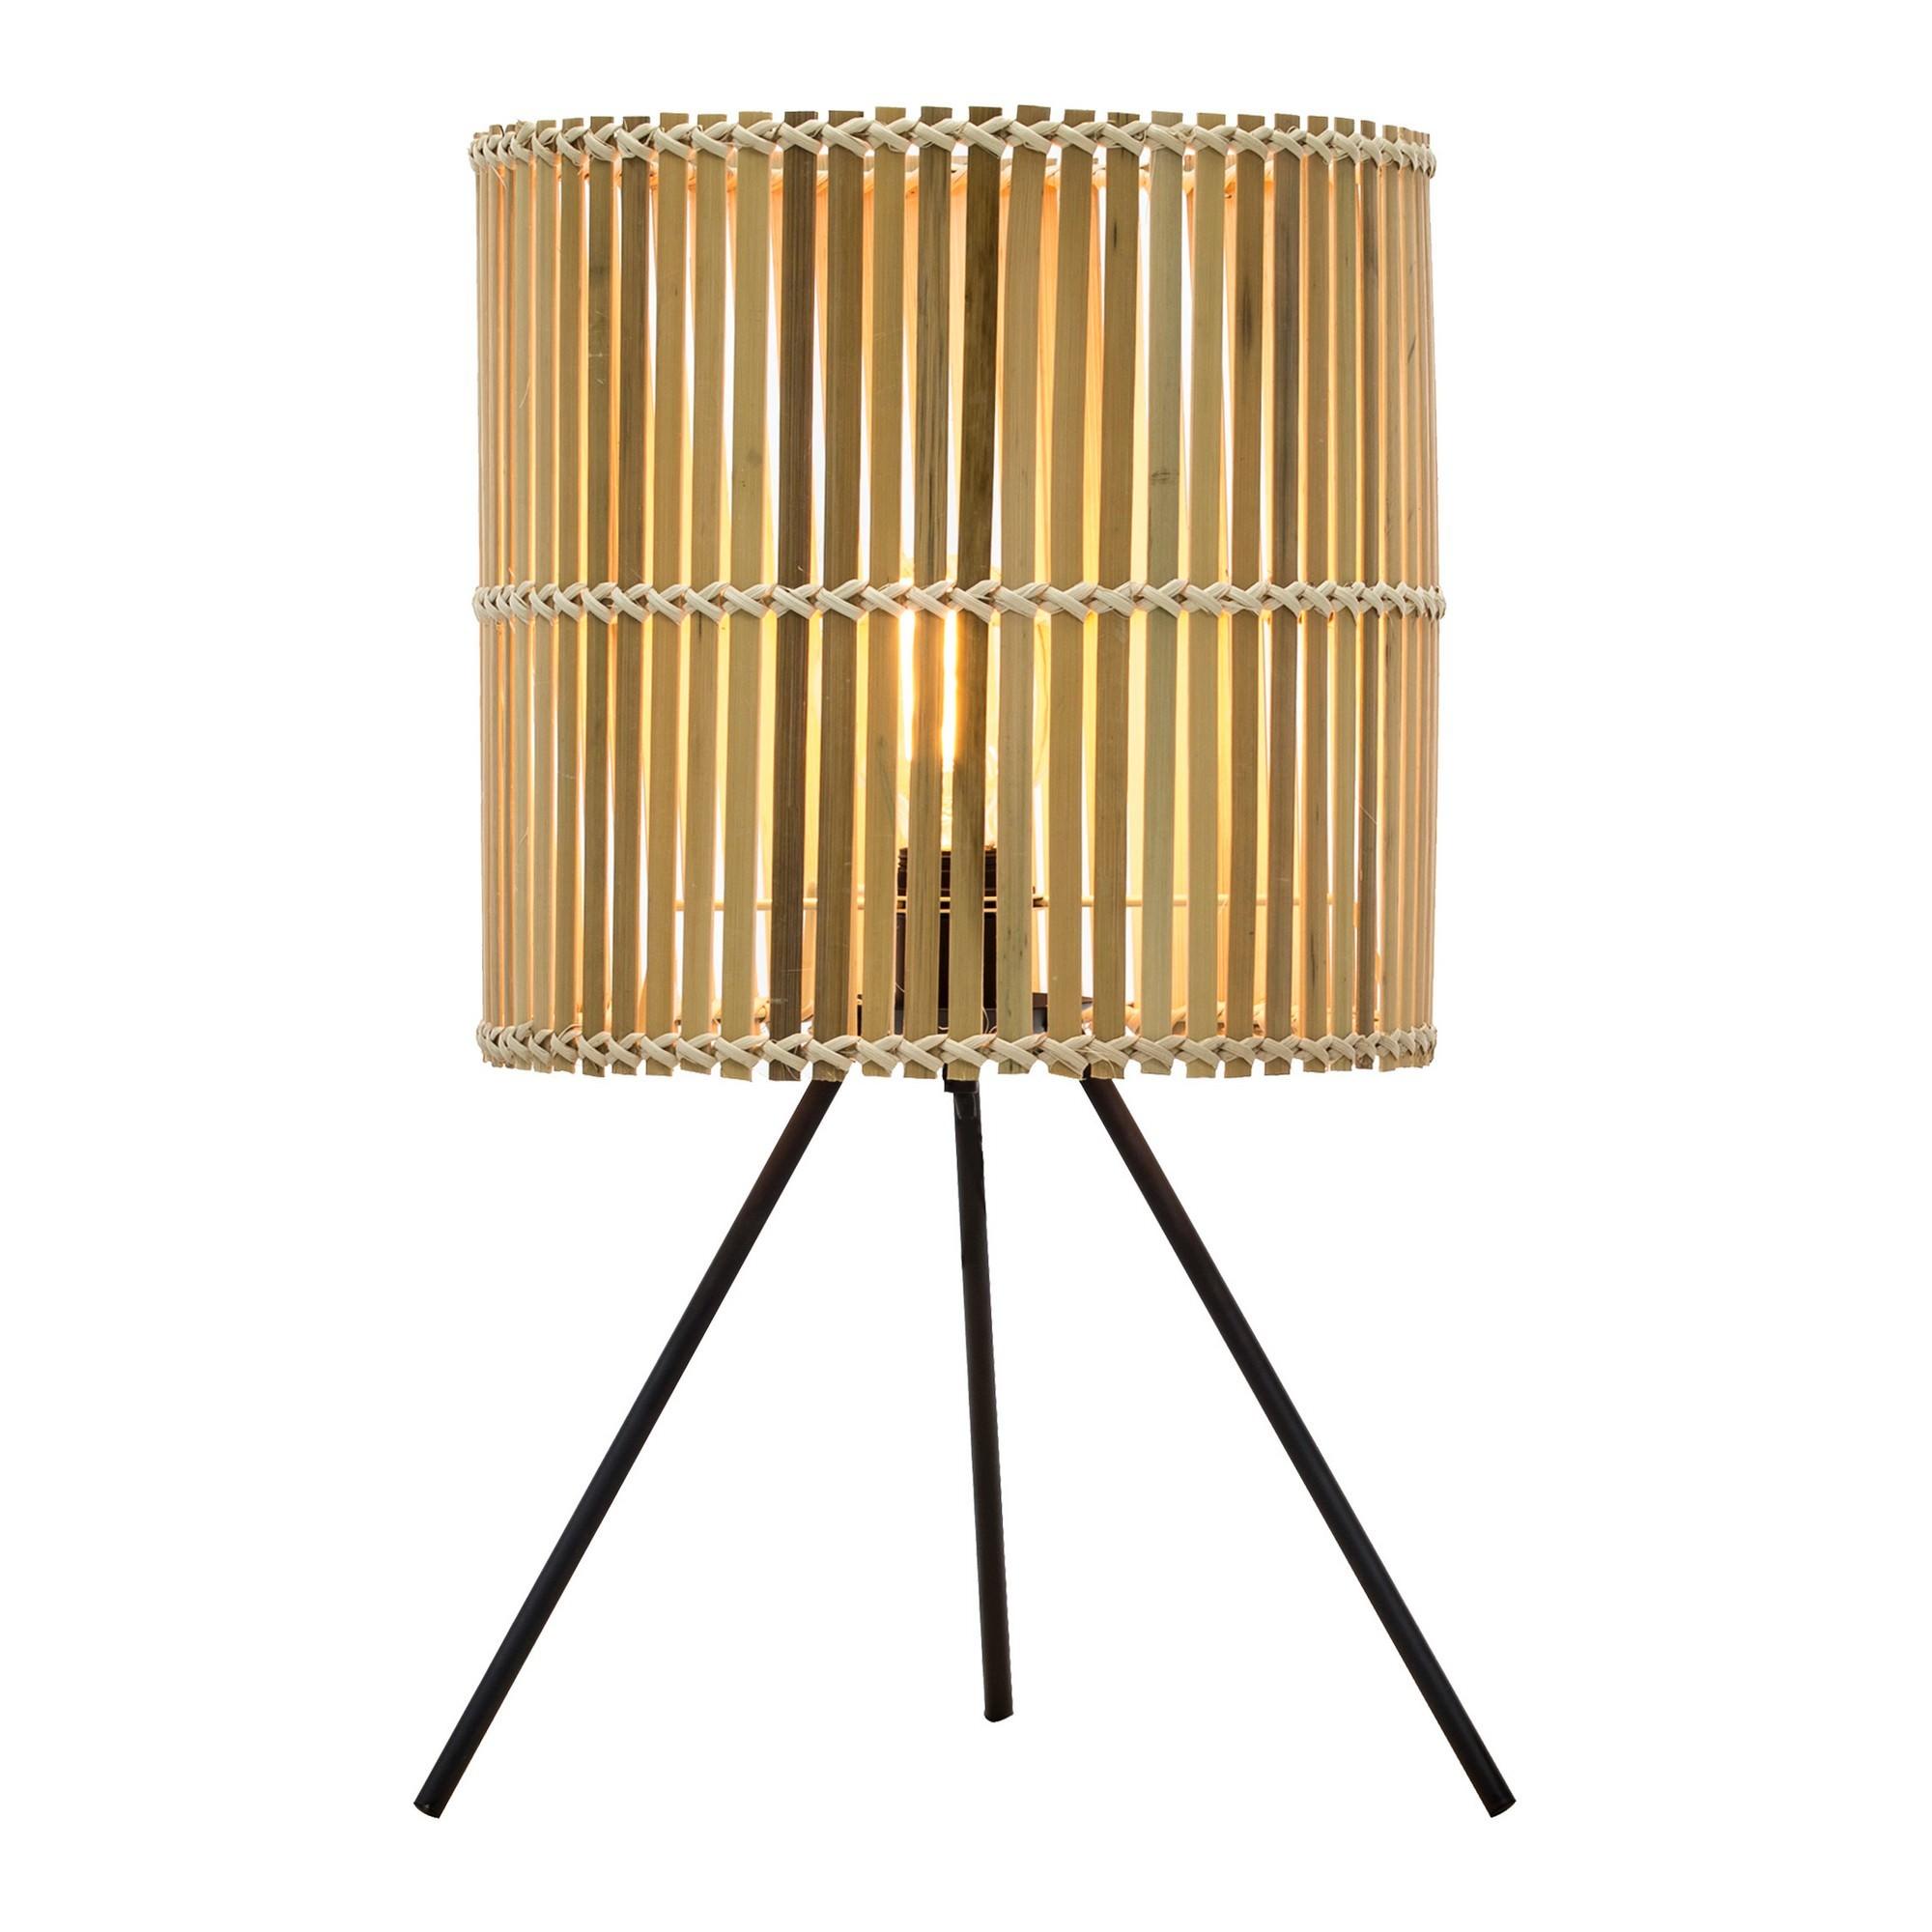 Bermuda Bamboo & Iron Tripod Table Lamp